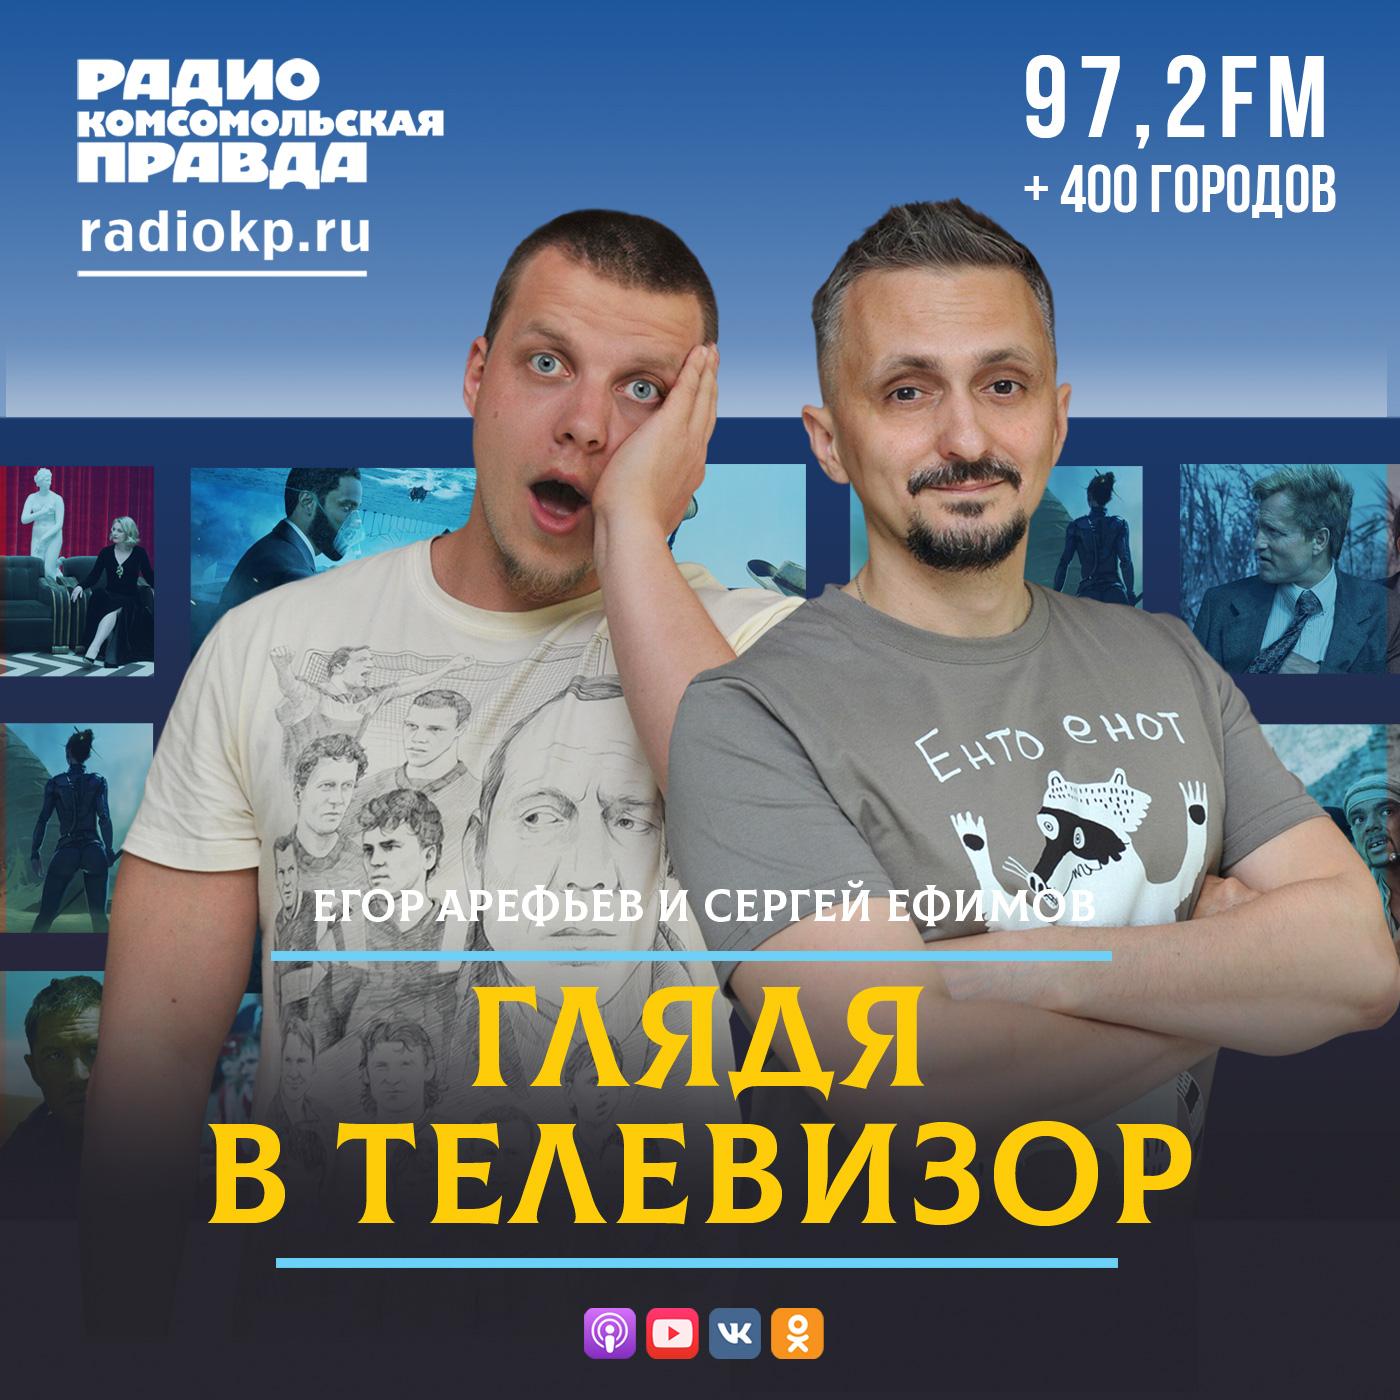 Глядя в телевизор:Радио «Комсомольская правда»